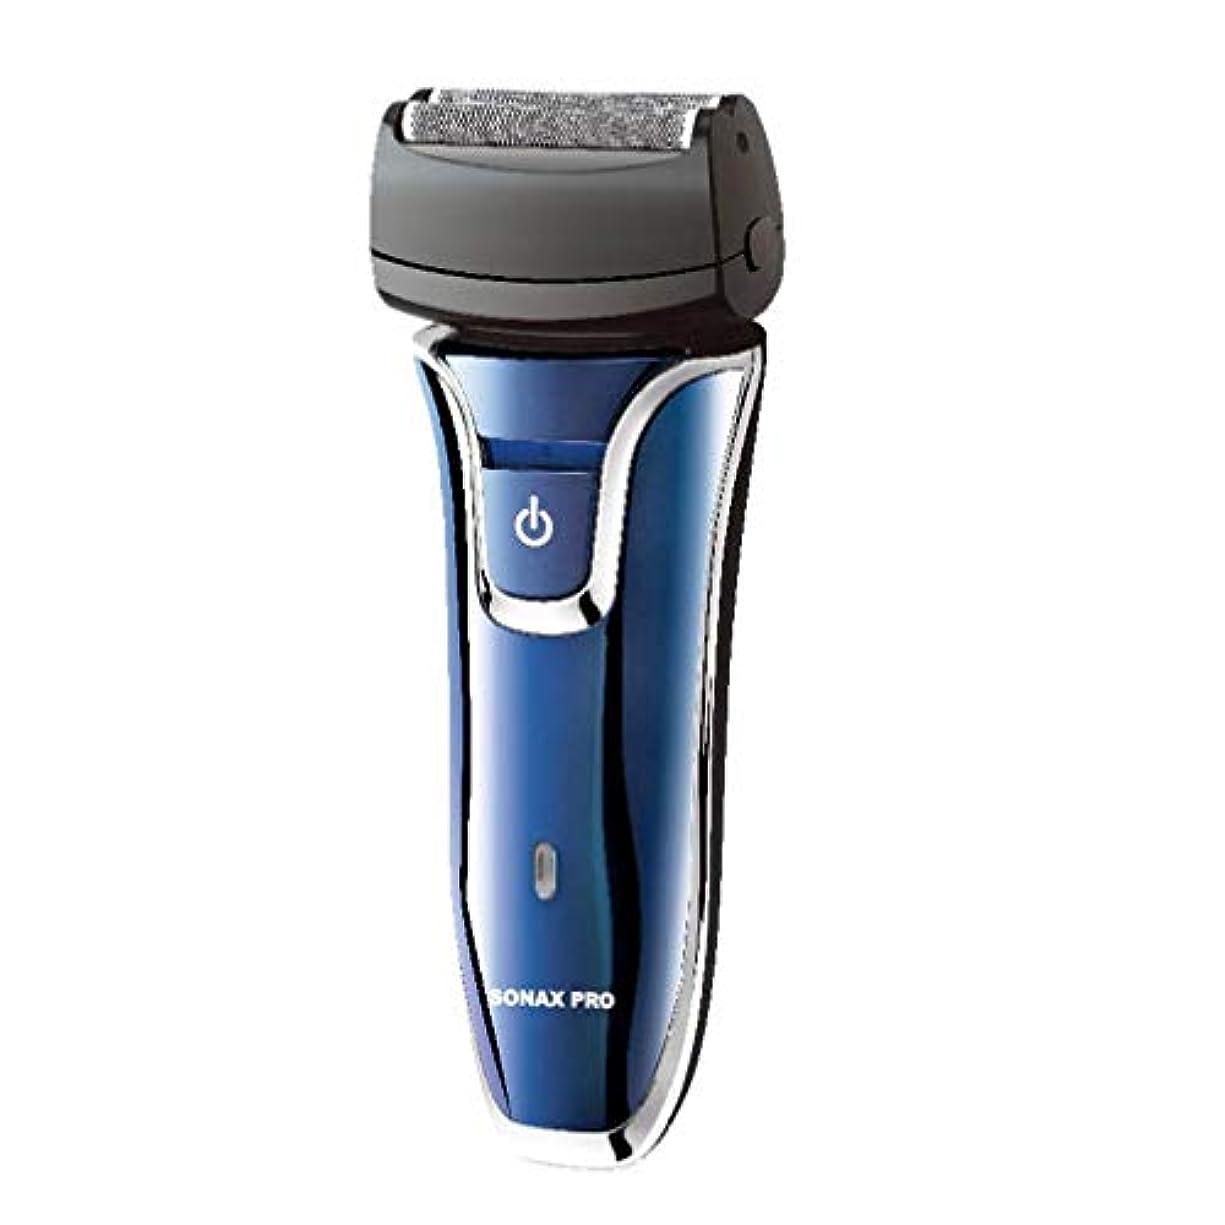 マングル保護磁気Sonax Proの電気かみそり往復ダブルメッシュシェービングナイフ男充電式髭ナイフN-7722の場合